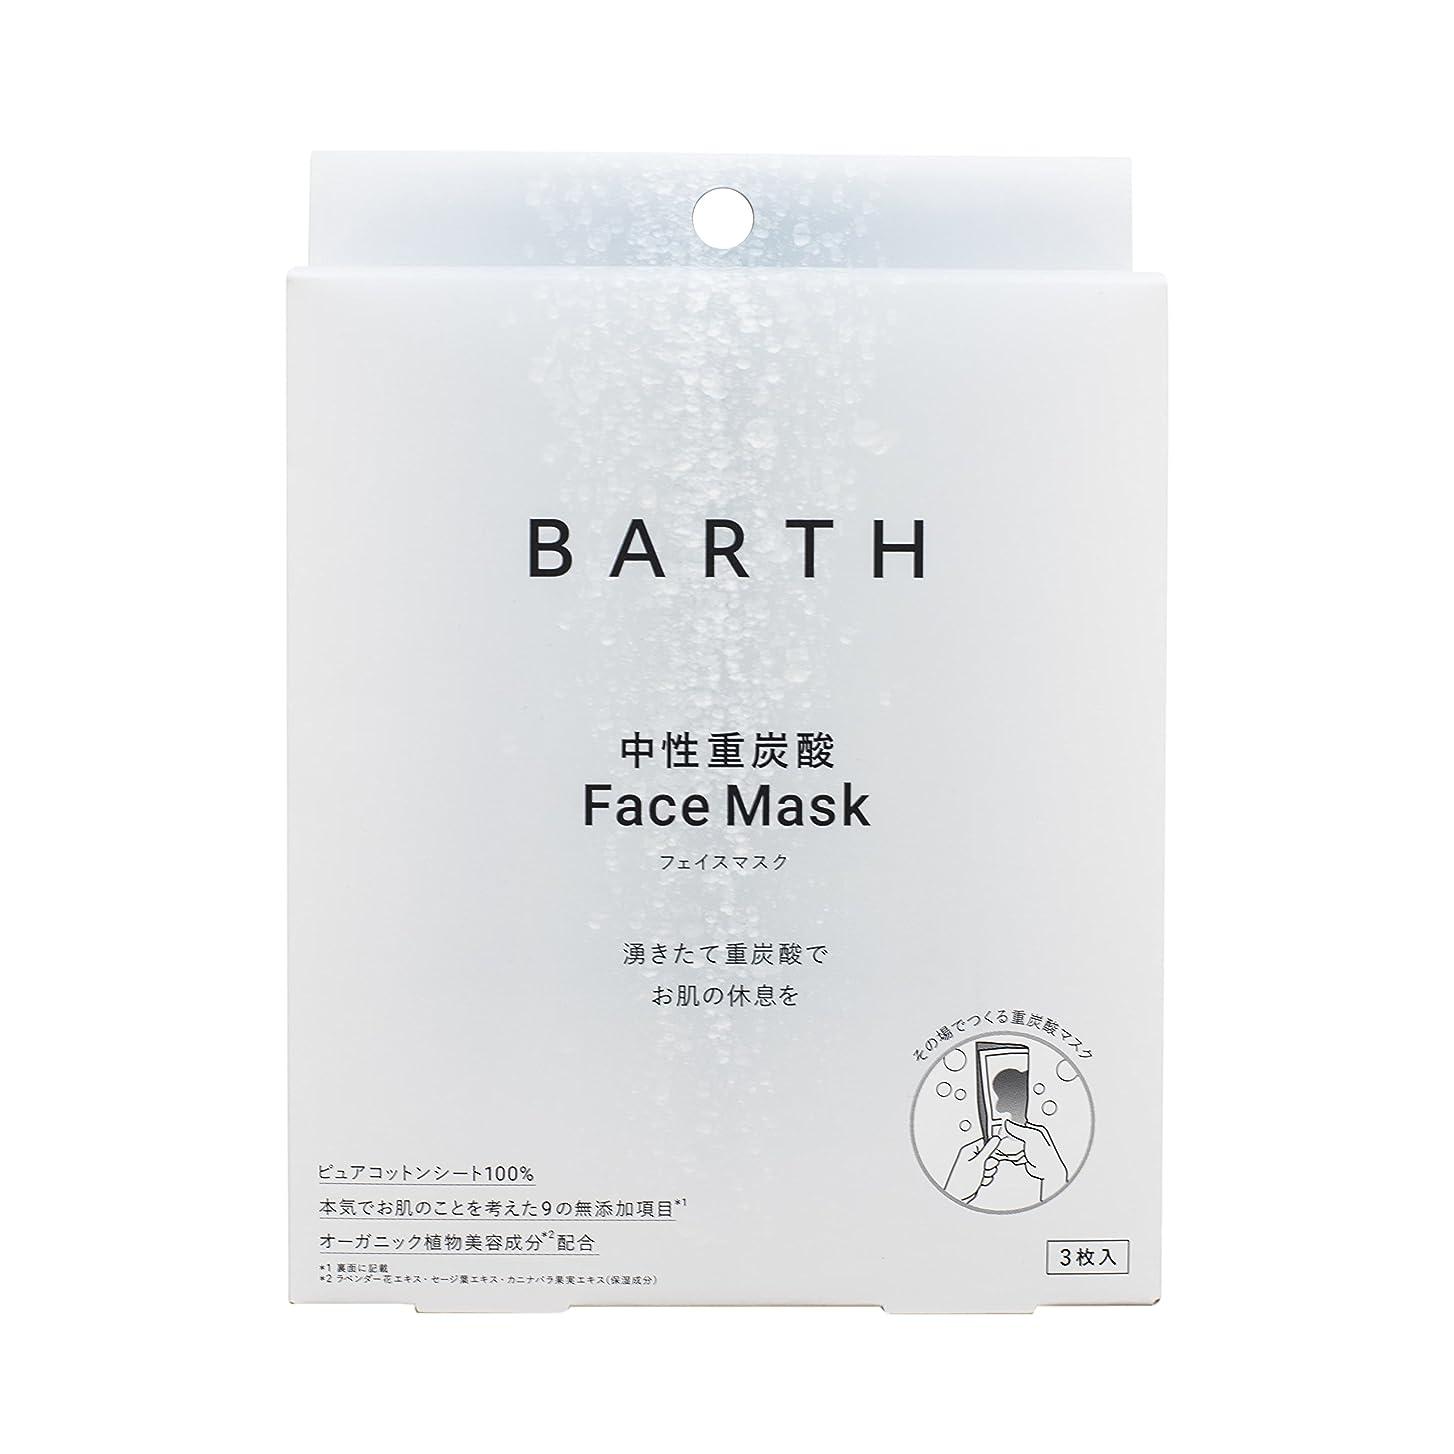 キャベツ平野重要なBARTH【バース】 中性 重炭酸 フェイスマスク (無添加 日本製 ピュアコットン 100% オーガニック植物美容成分3種入り) (3包入り)